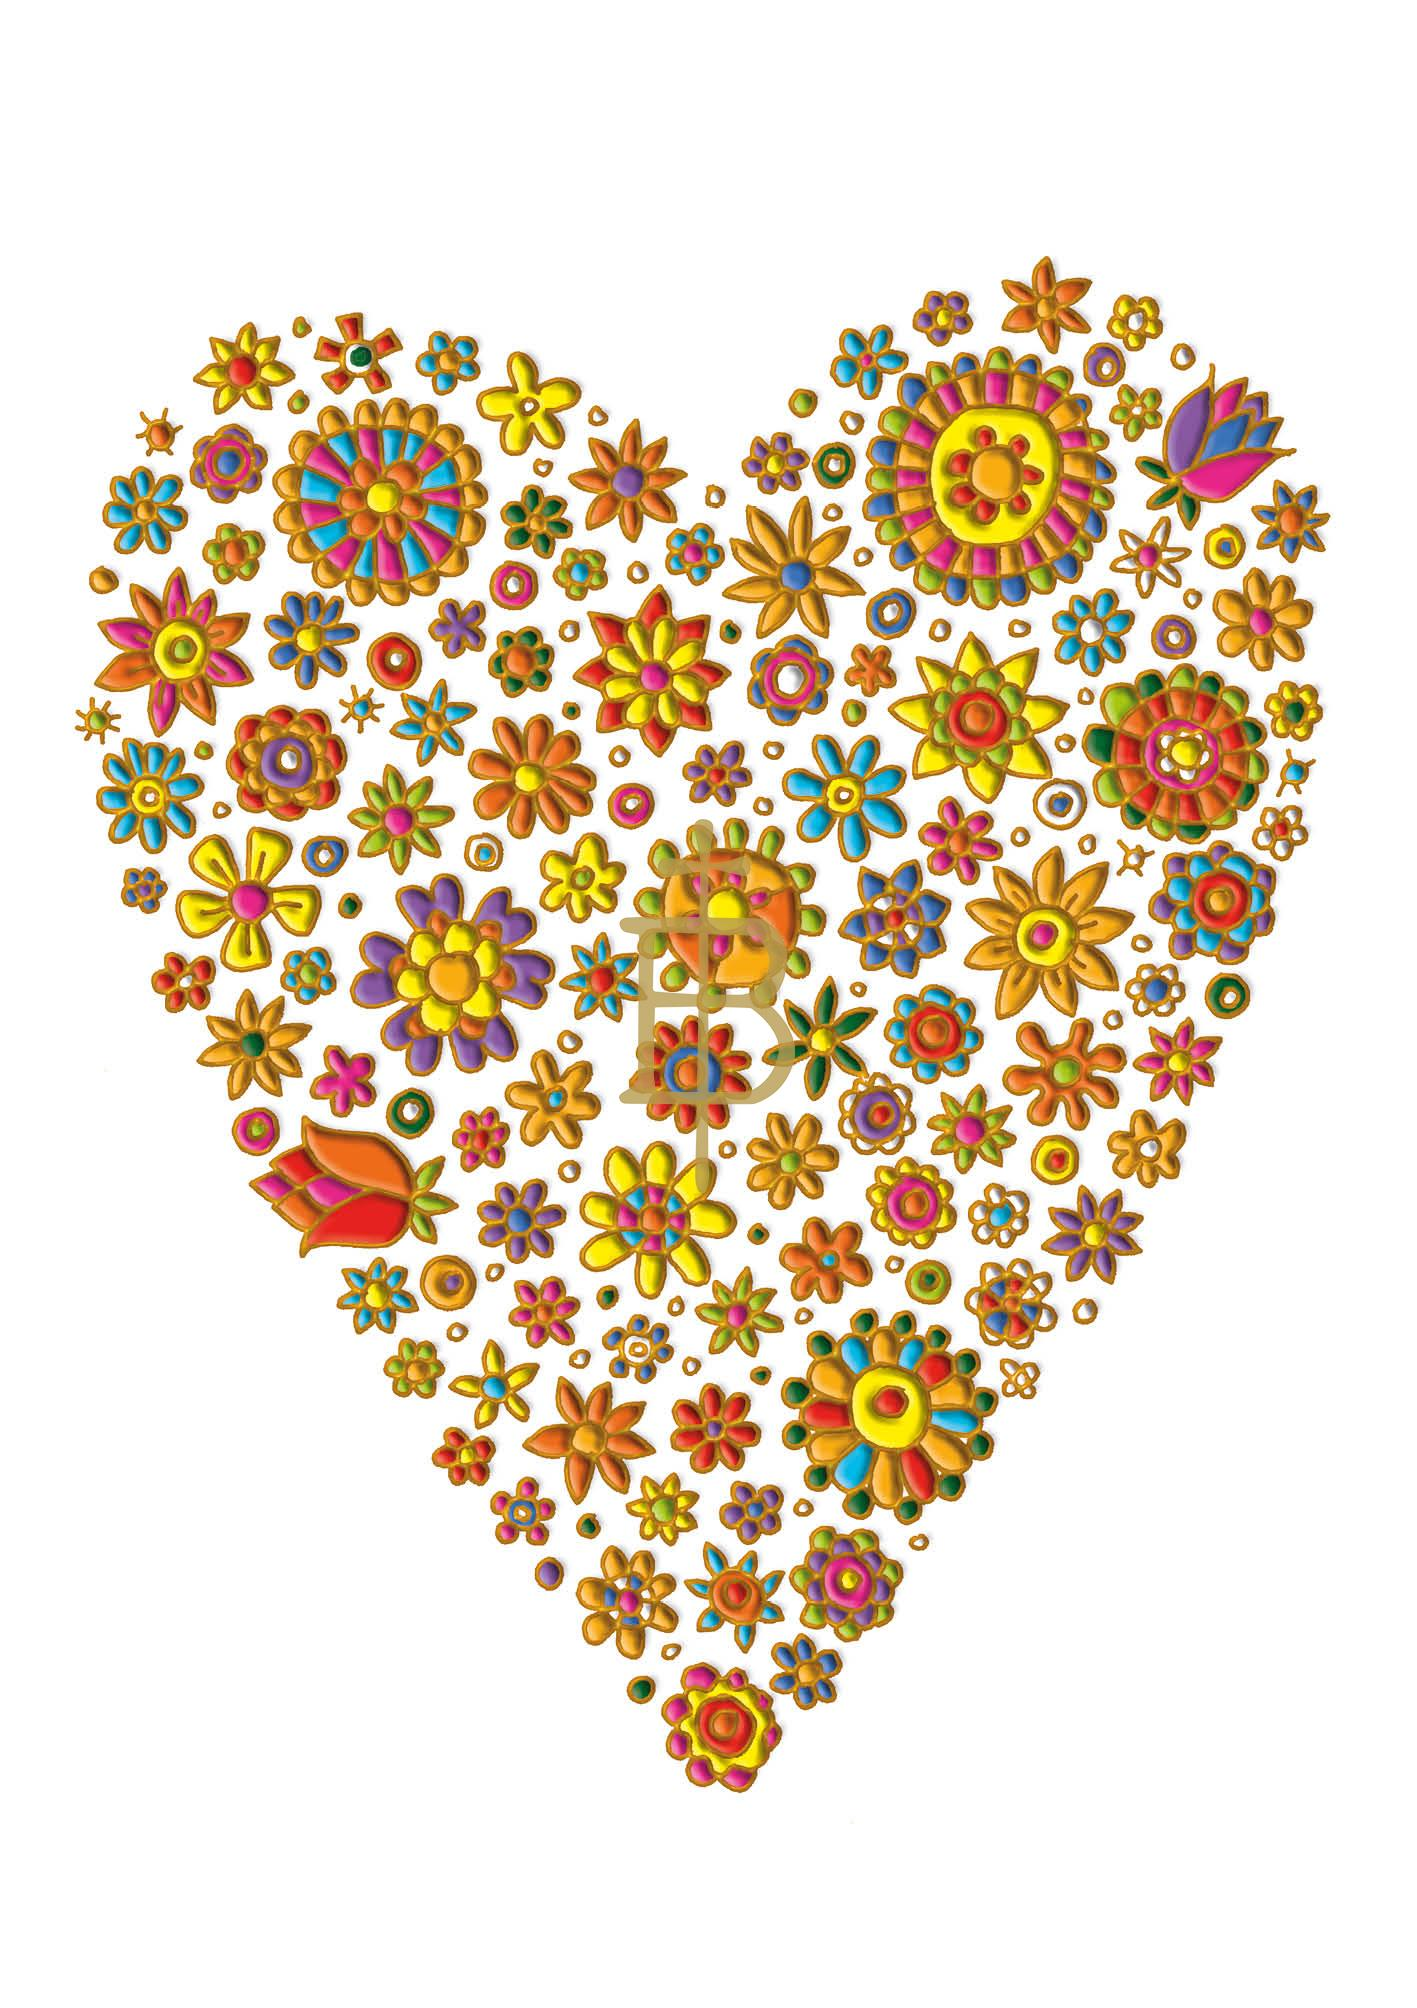 Klappkarte - Im Herzen wurzelt die Liebe